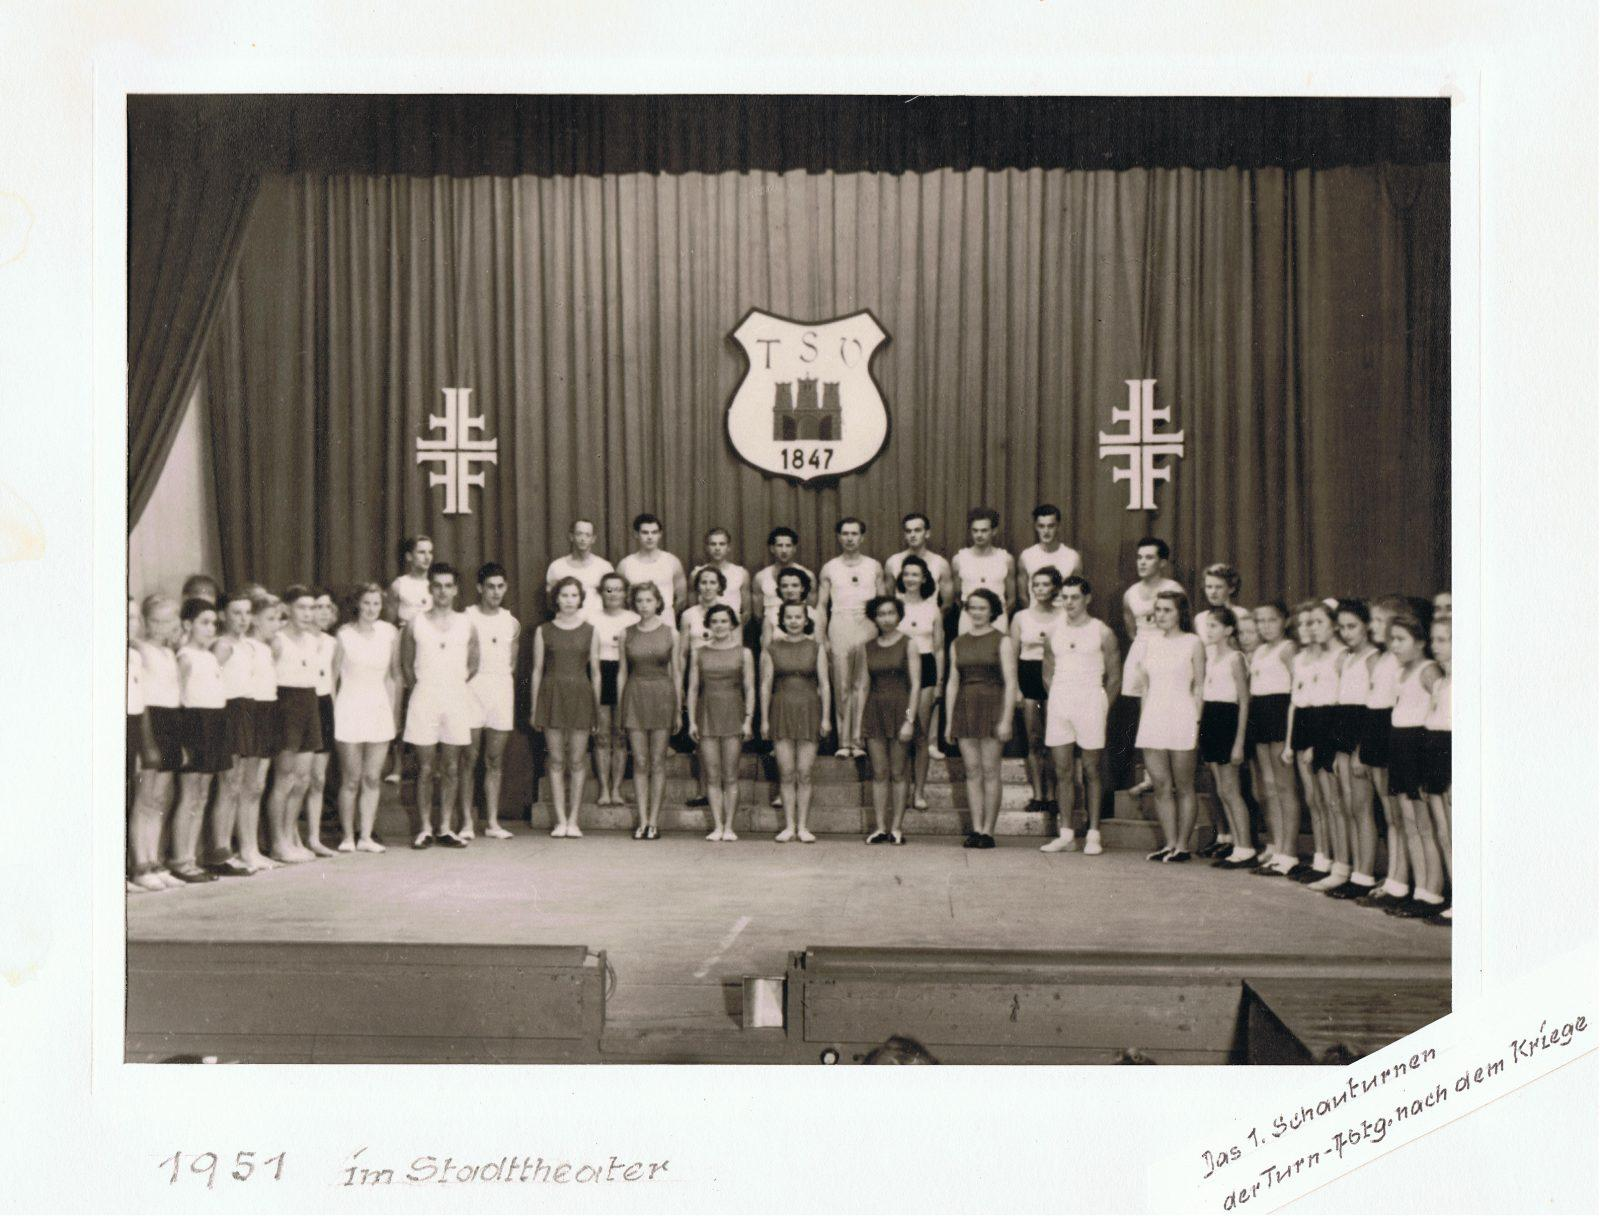 1951-Schauturnen-in-Weilheim